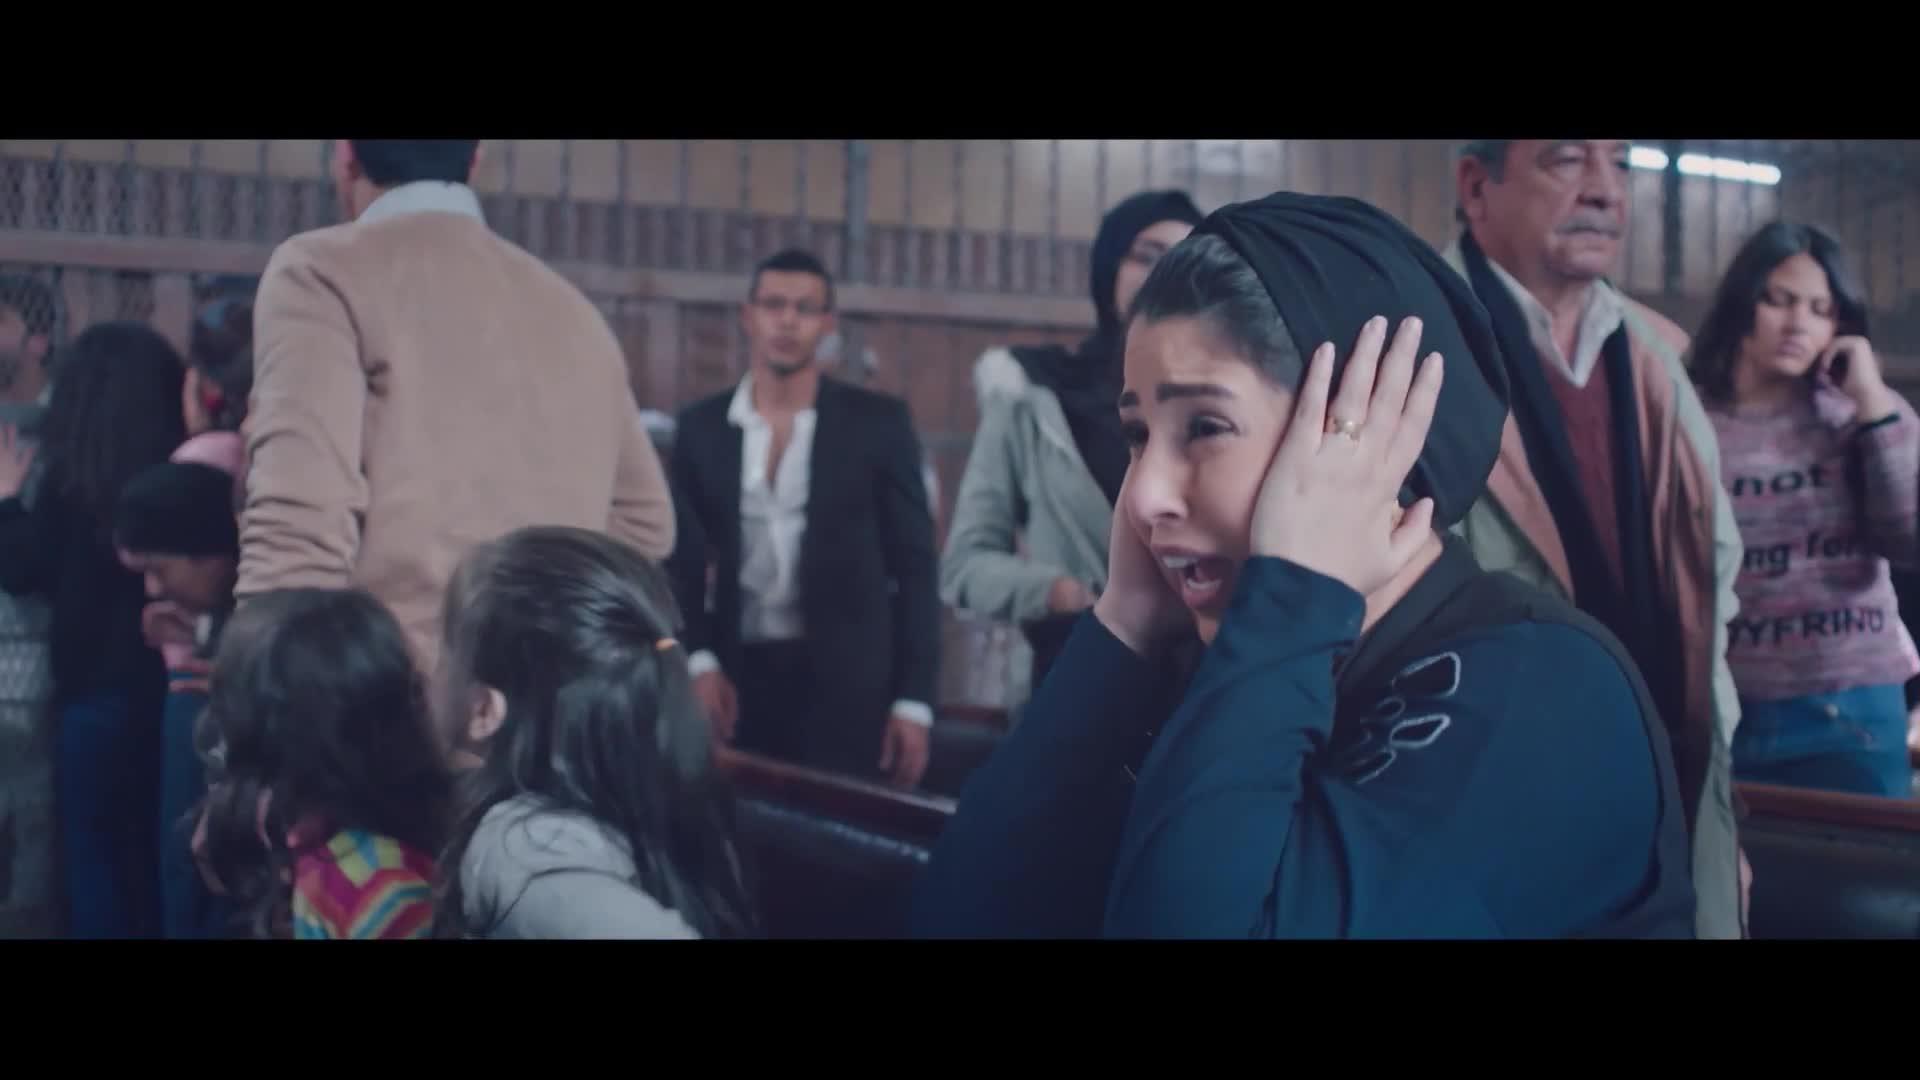 المسلسل المصري طلقة حظ [2019][WEB DL][1080p] تحميل تورنت 16 arabp2p.com